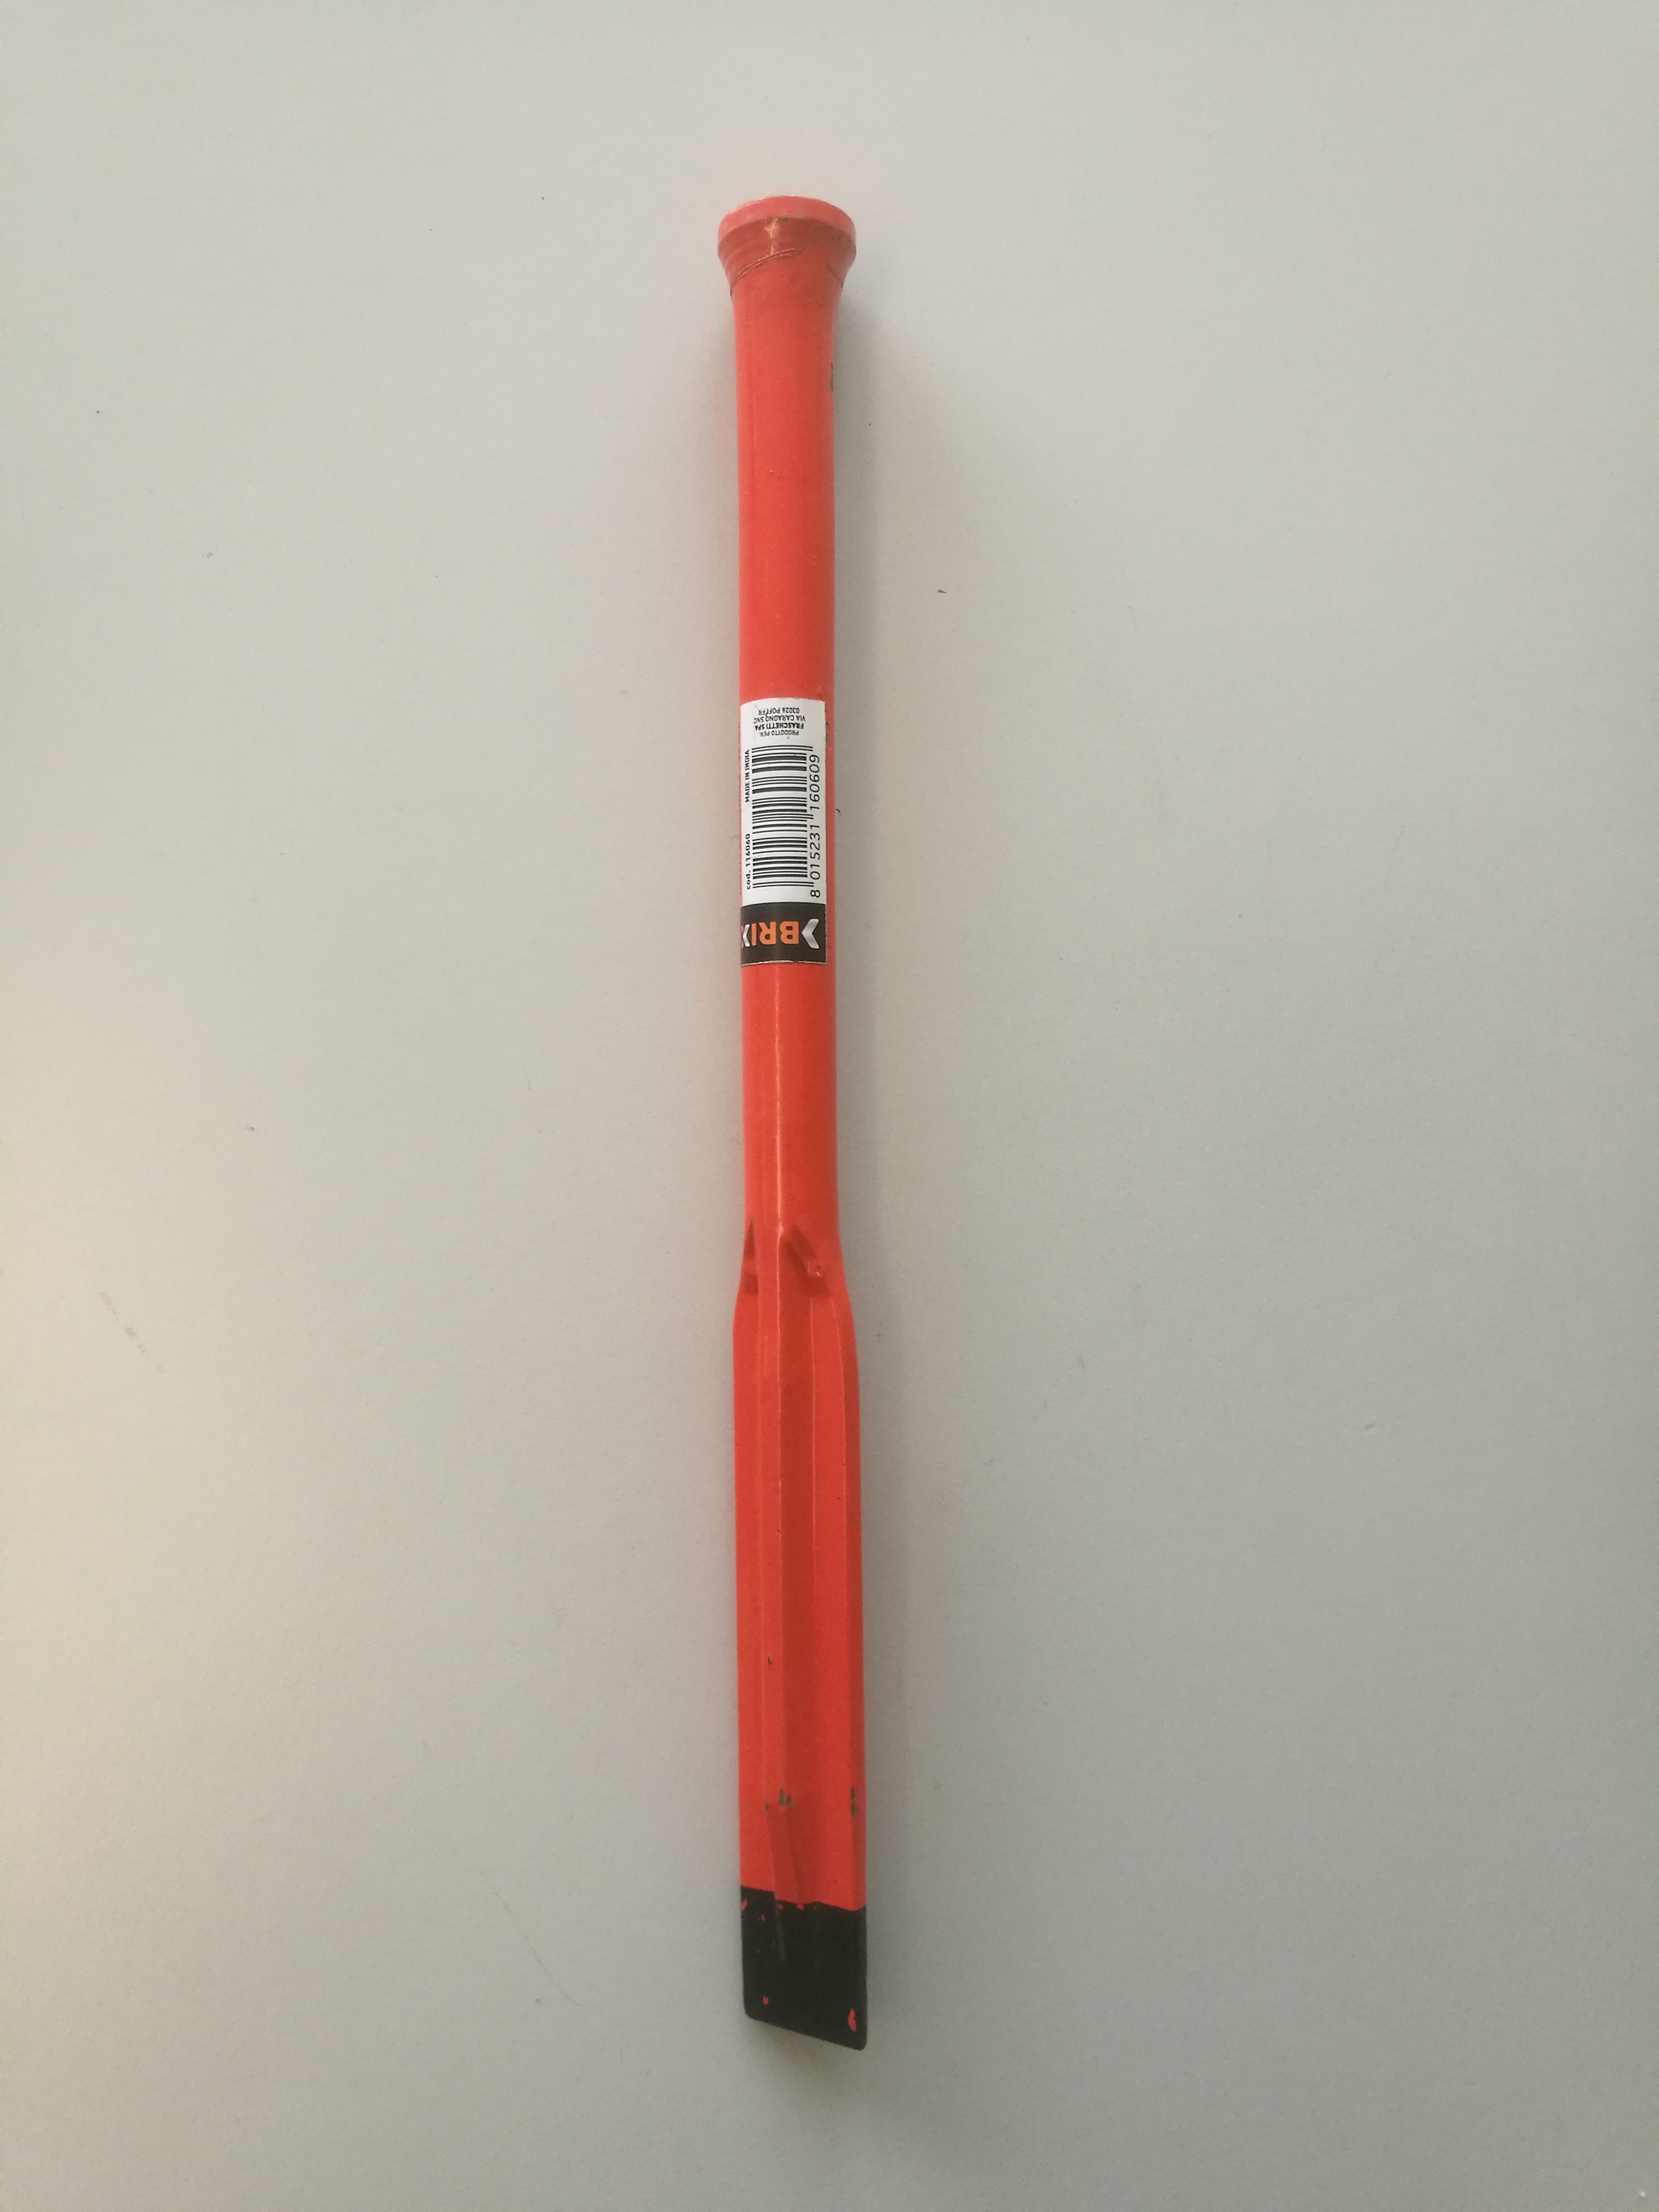 brixo brixo scalpello muratore taglio esagonale cm 30